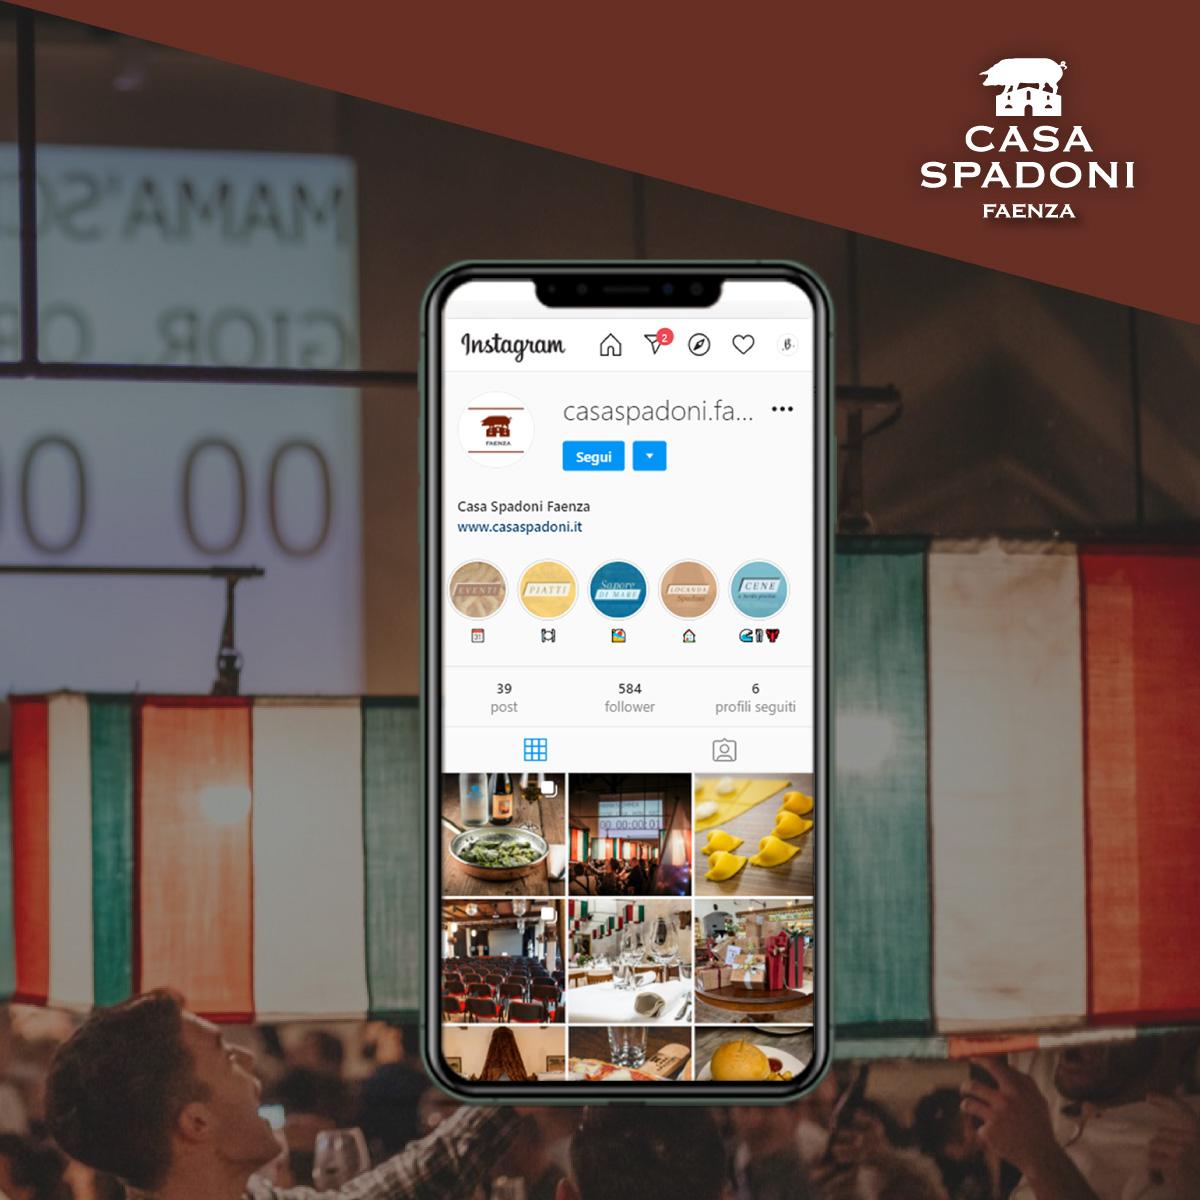 ristoranti-casa-spadoni-food-marketing-social-media-strategy-2